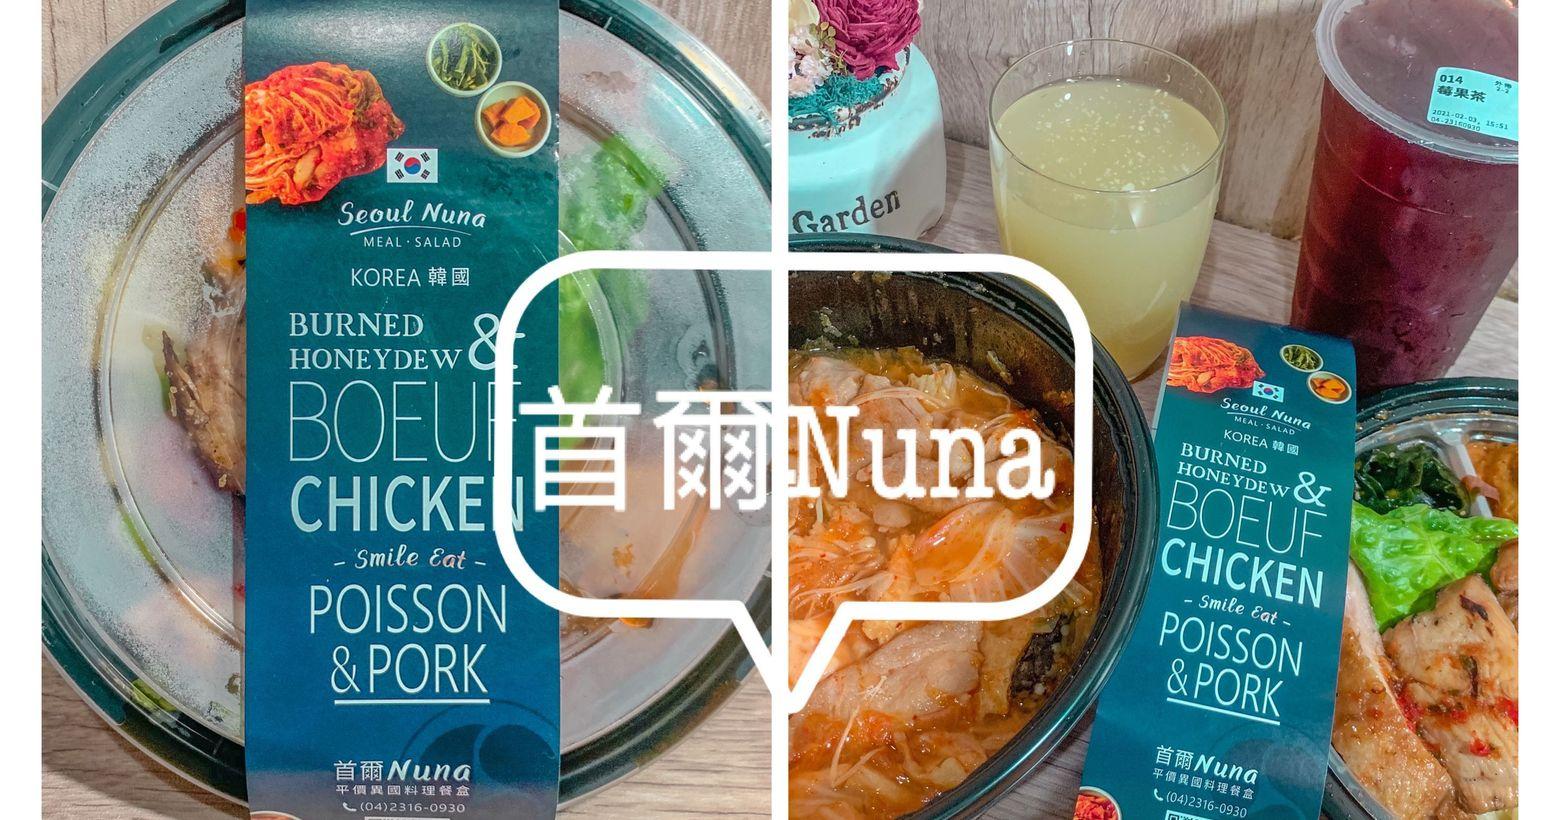 首爾Nuna異國風情便當 台中美食 免外送費 異國火鍋這可愛的便當(o^^o)是首爾Nuna&nbs